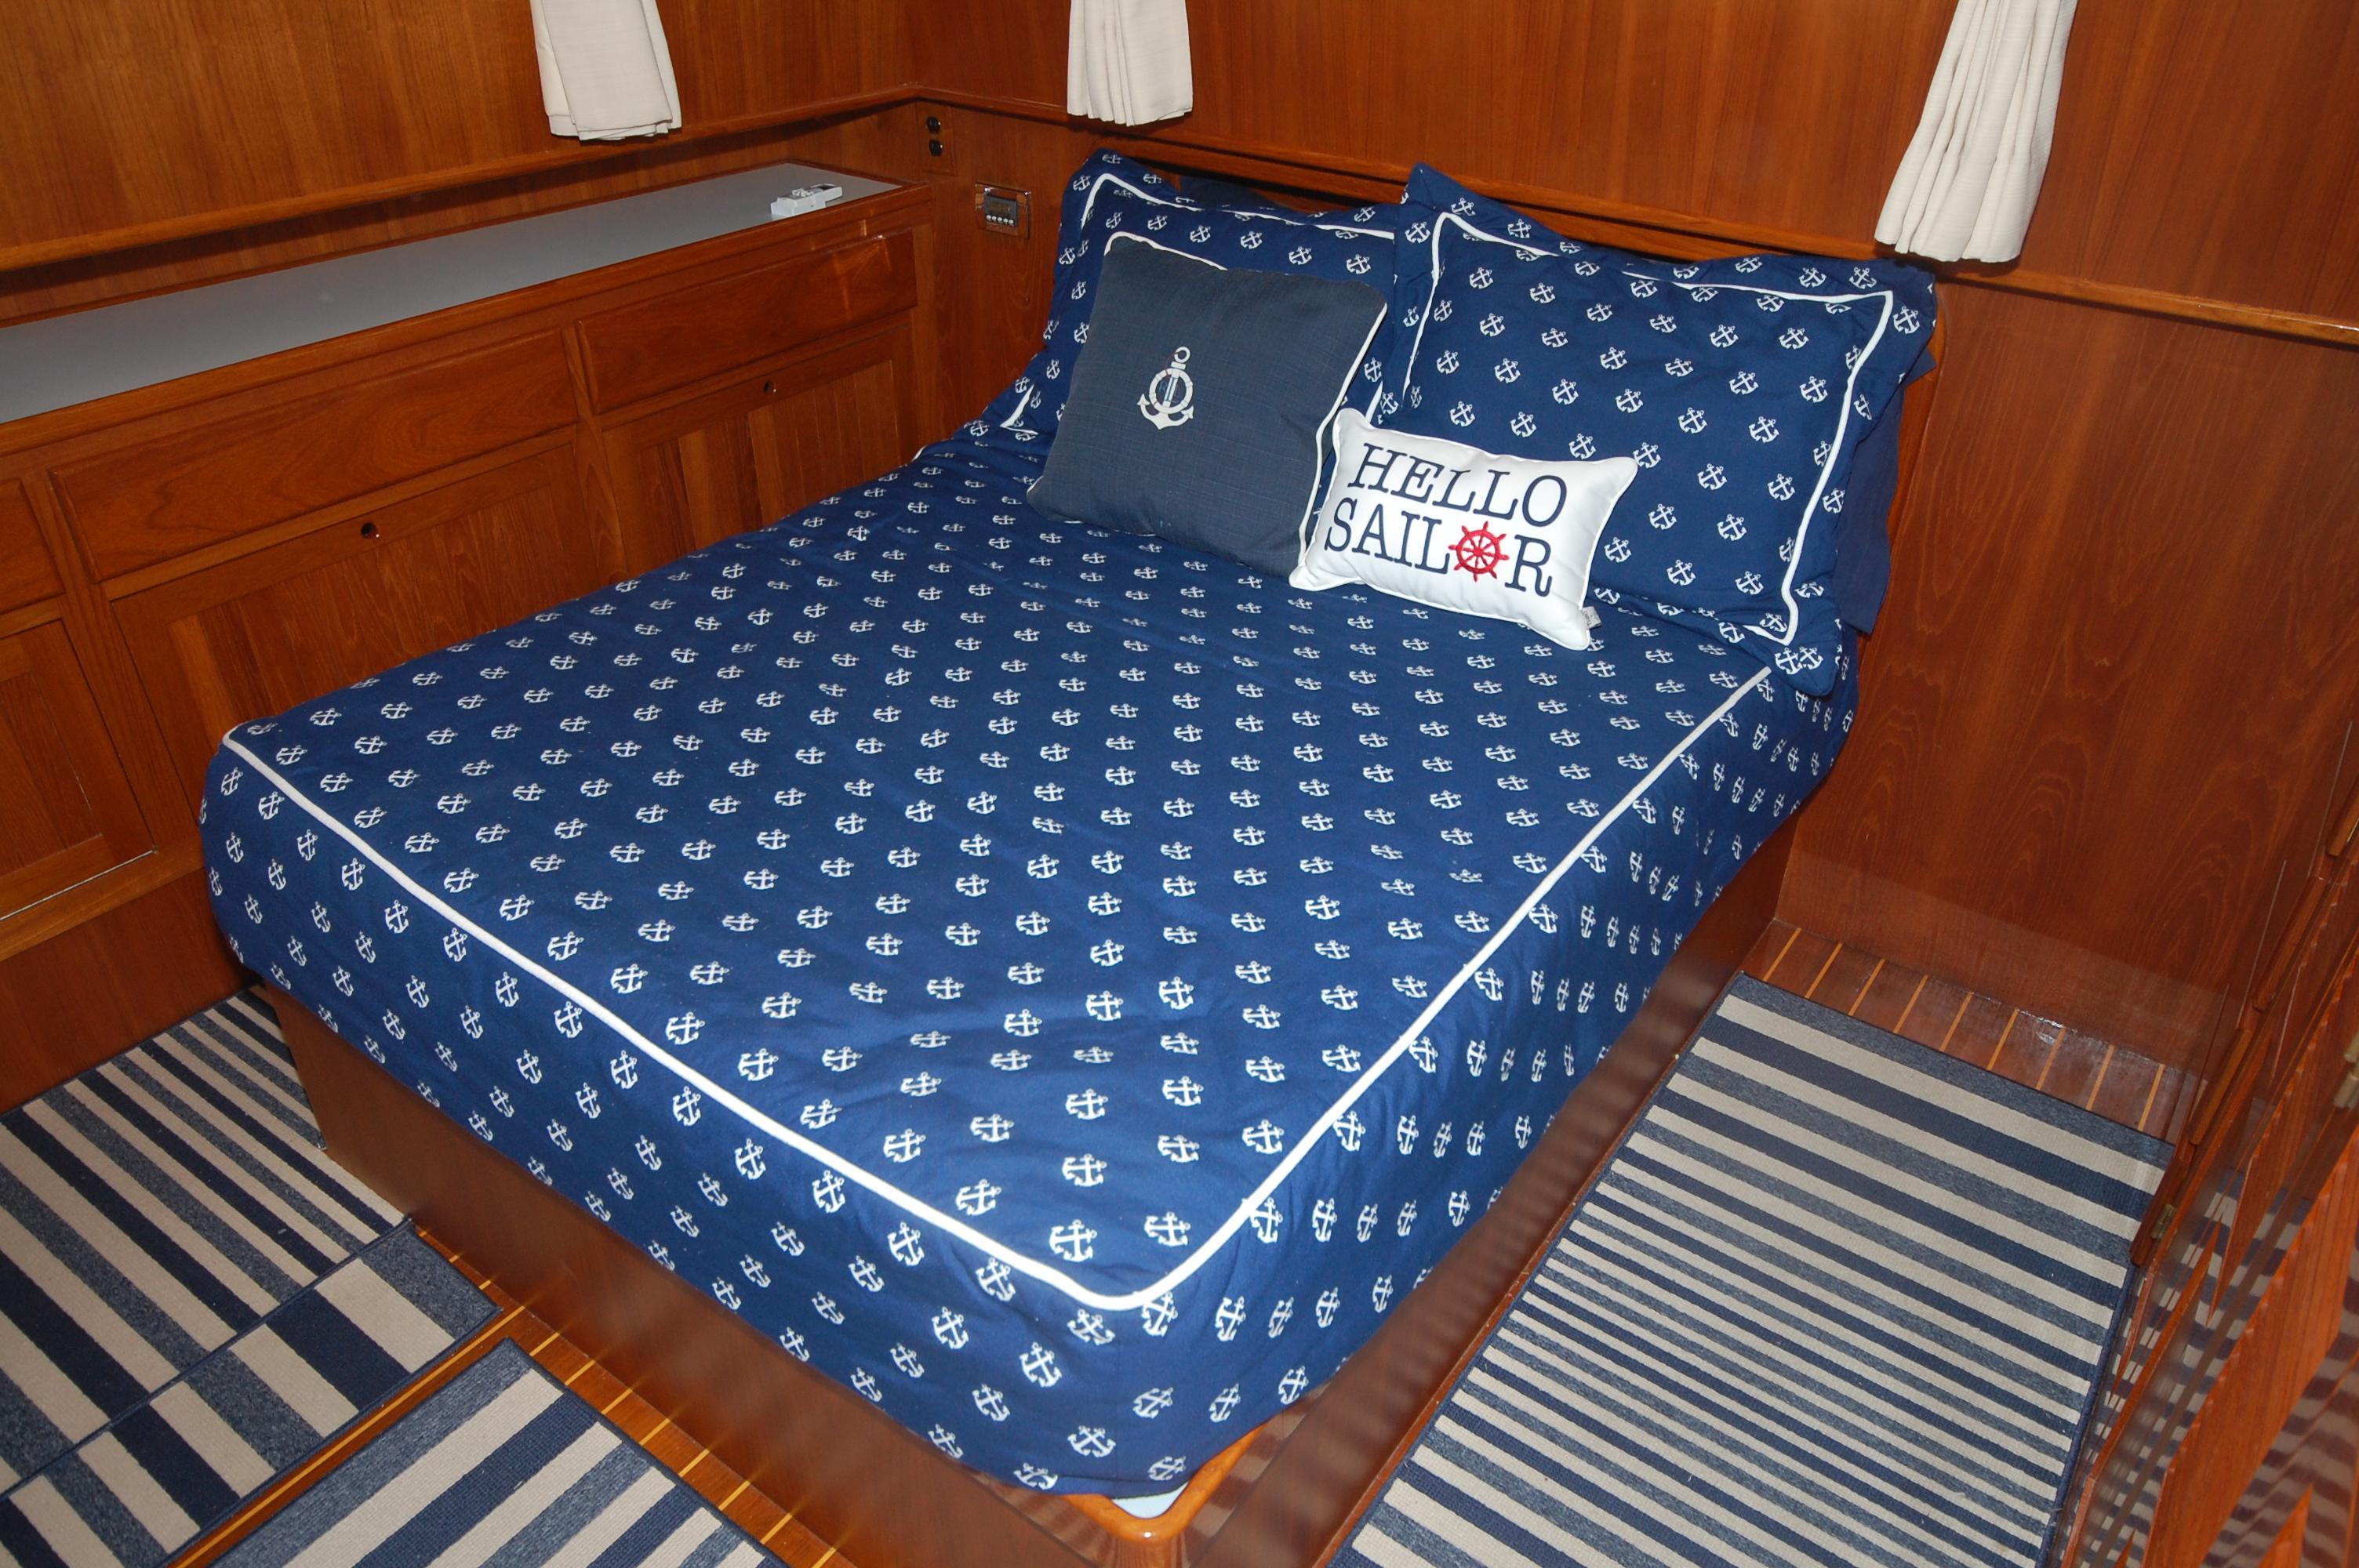 V 6366 SS Knot 10 Yacht Sales